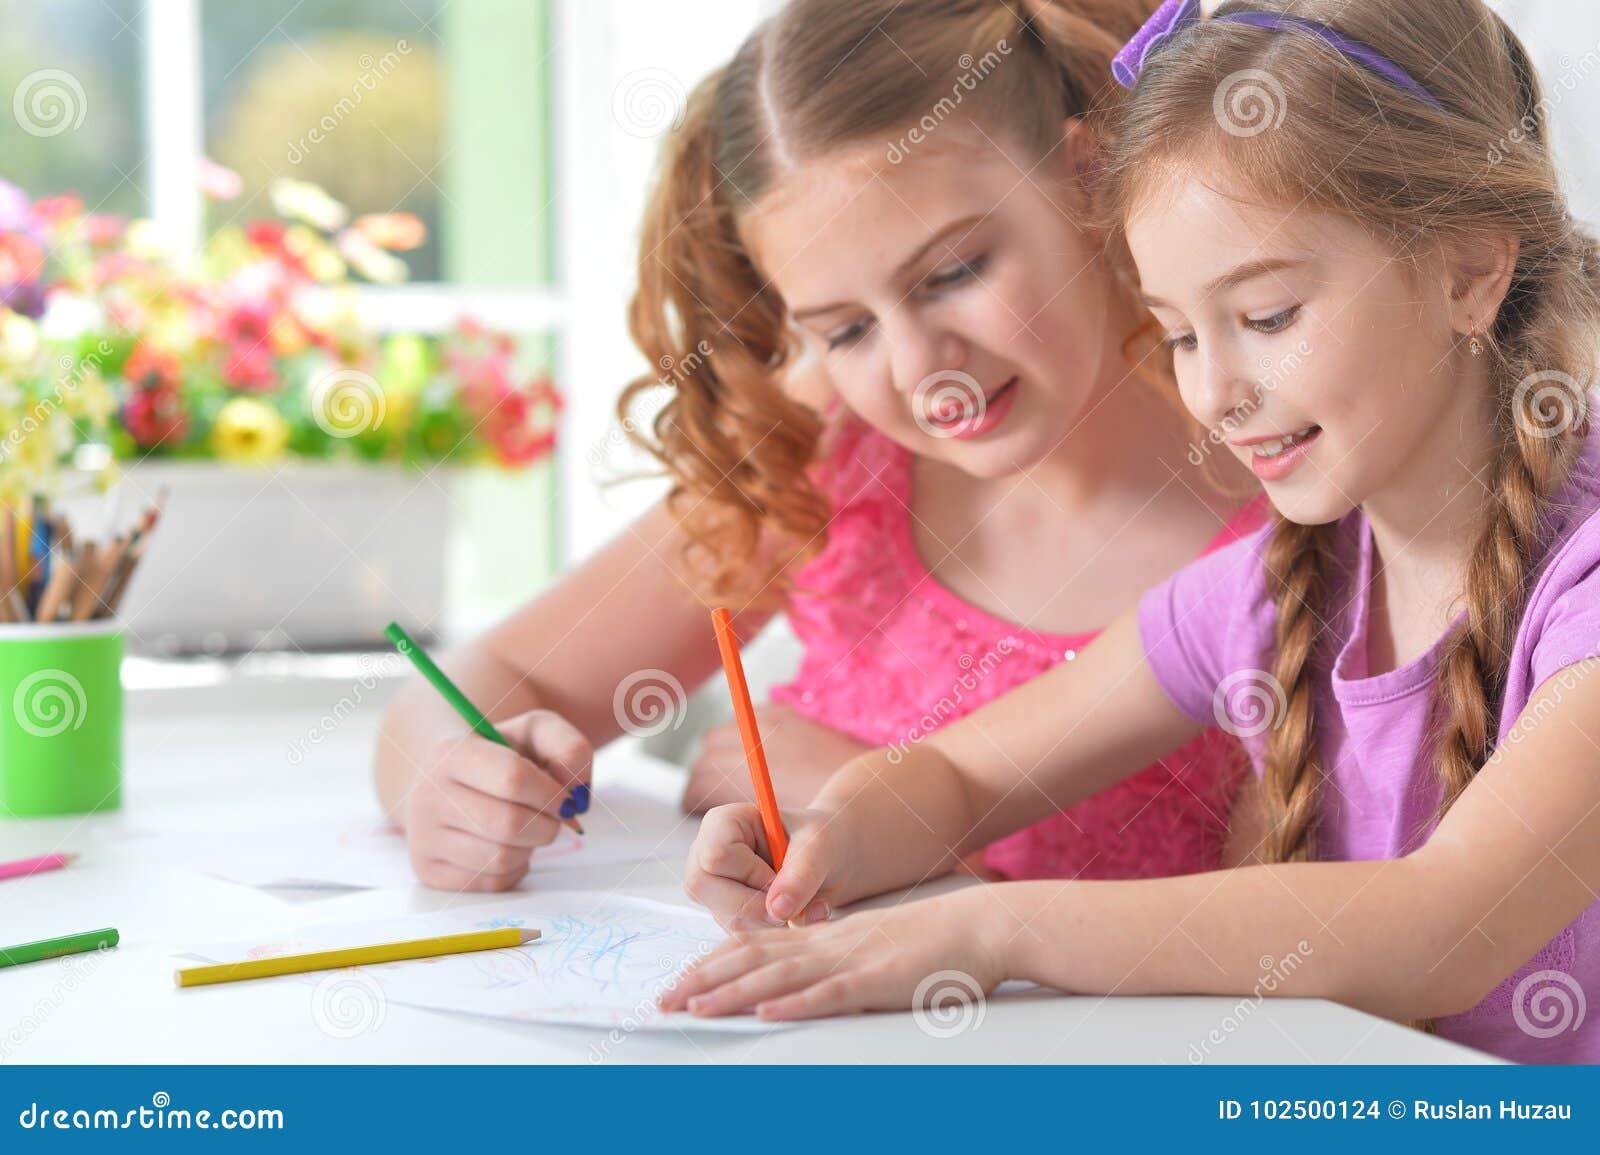 Kleine Mädchen, die zusammen zeichnen